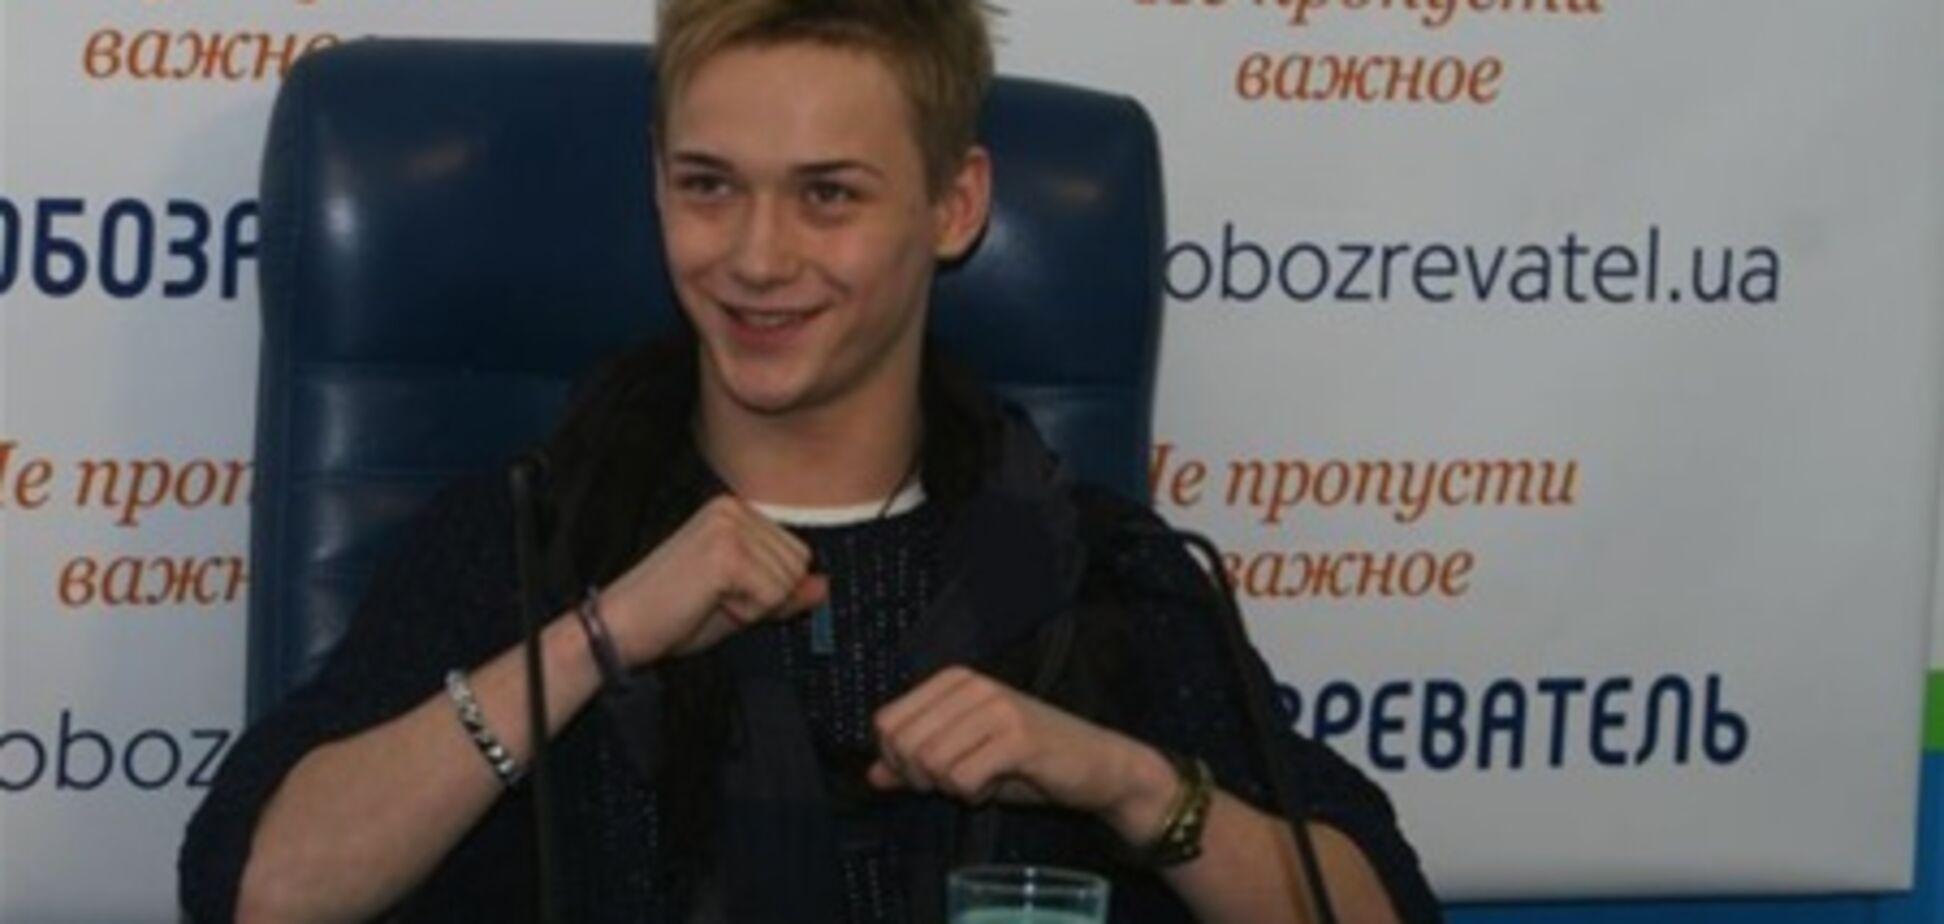 Кращий танцюрист України готовий жити на знімальному майданчику. Відео